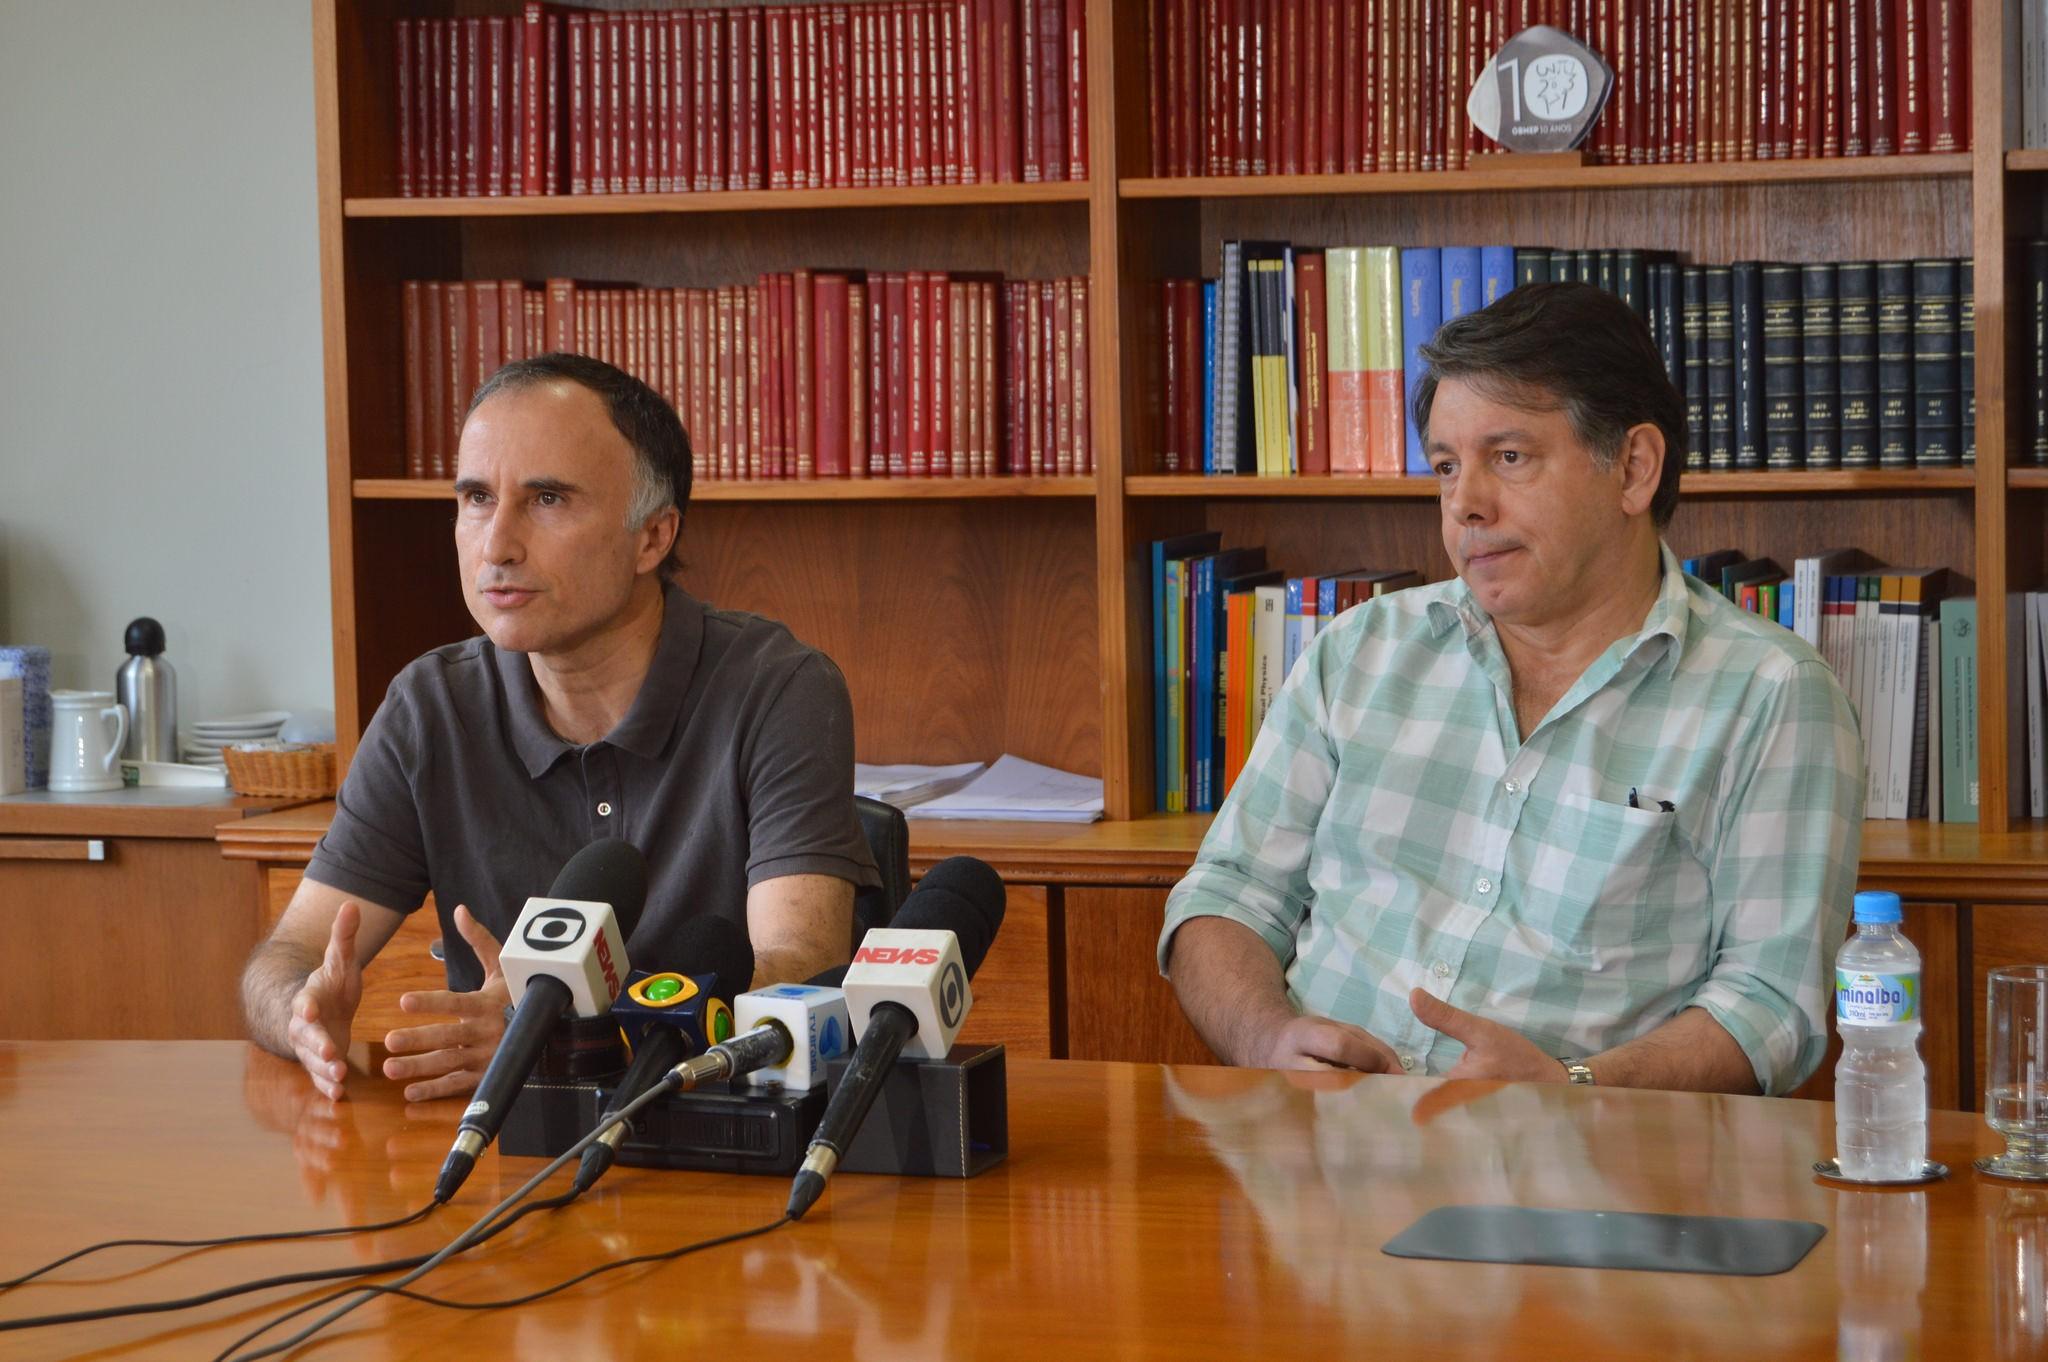 Cláudio Landim (à esquerda) e Marcelo Viana, diretor-geral do IMPA, durante a coletiva  (Foto: Divulgação/IMPA)